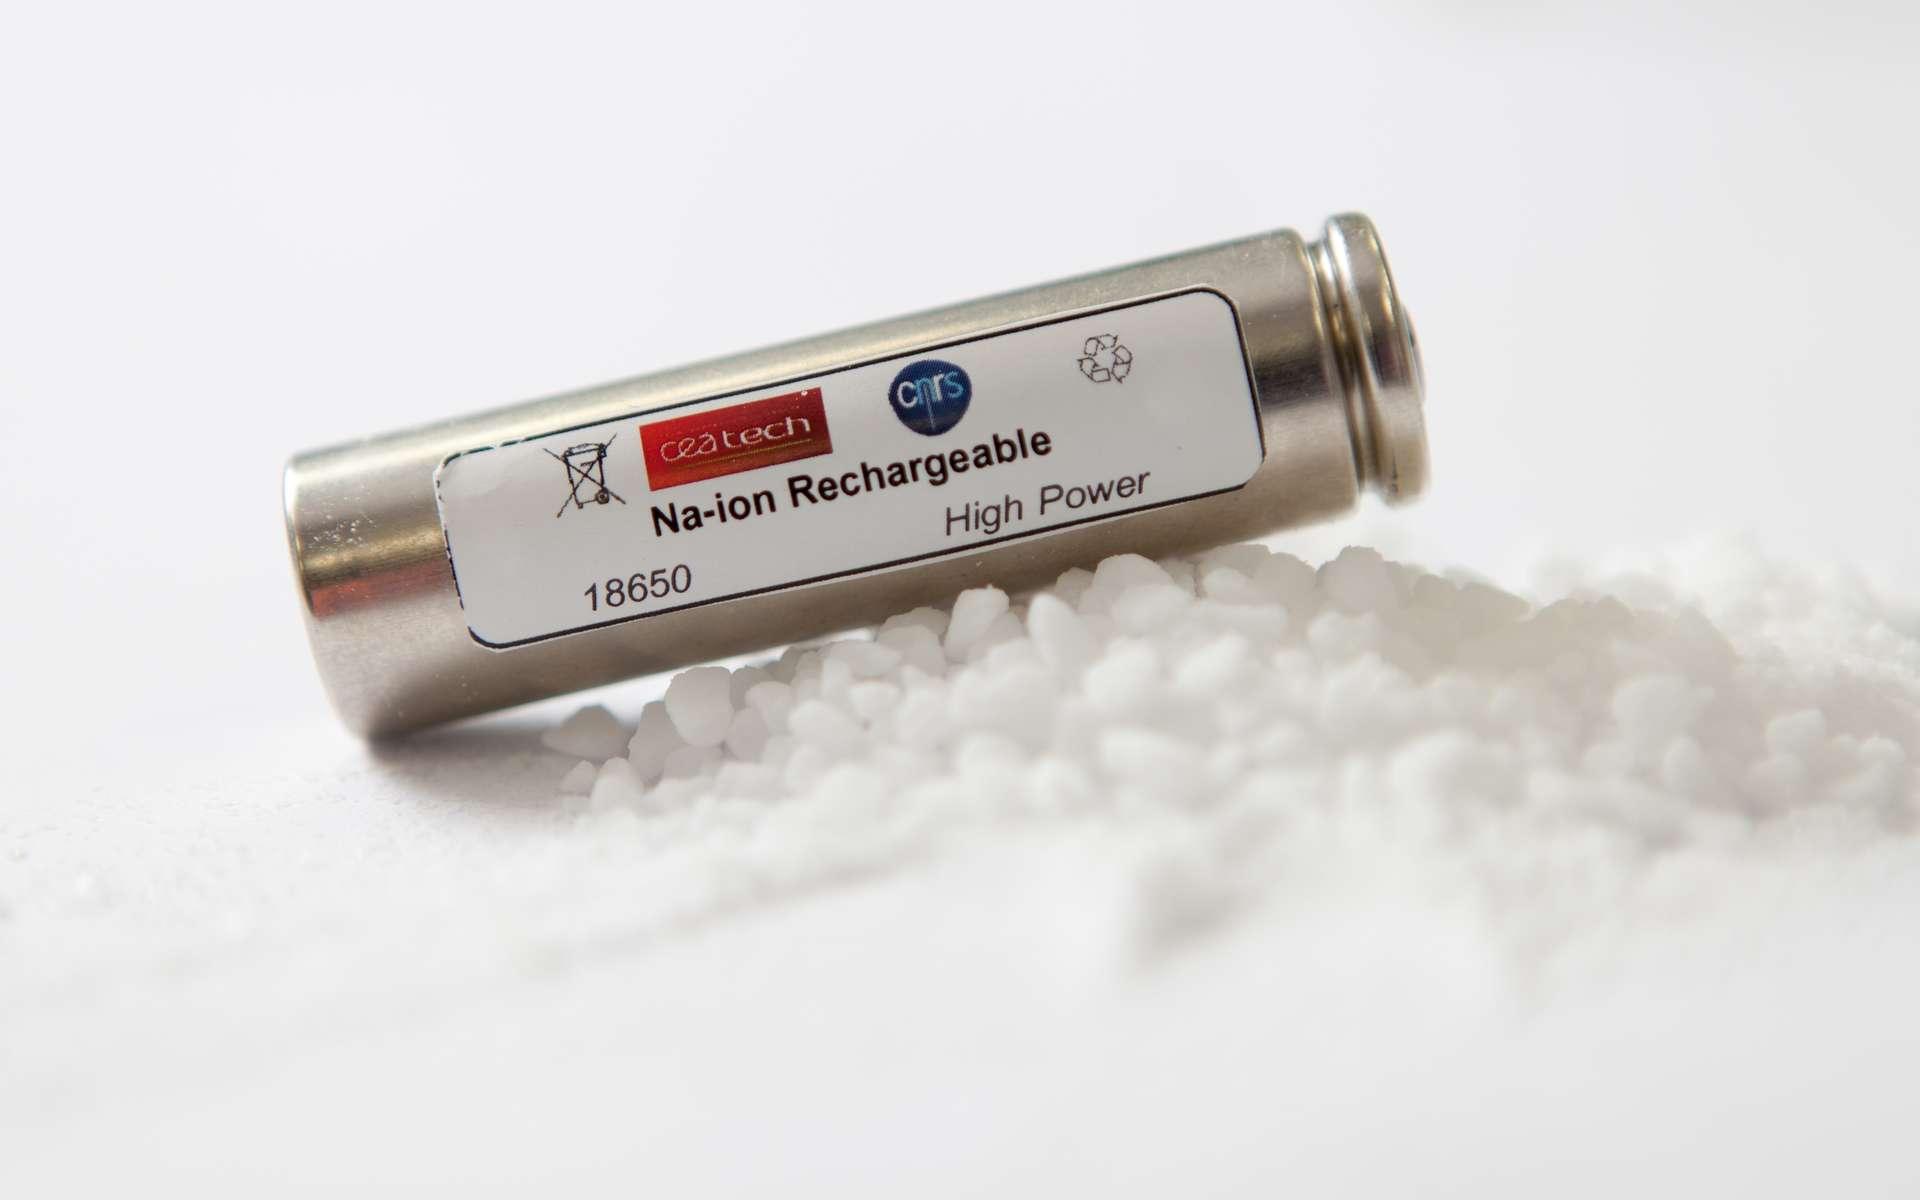 Le prototype de batterie sodium-ion judicieusement présenté sur un tas de sel de cuisine (du chlorure de sodium, donc). C'est la première fois qu'une telle batterie est réalisée dans ce format « 18650 », couramment utilisé dans l'industrie. Le travail de plusieurs laboratoires rend viable la solution du sodium, mille fois plus abondant que le lithium. © Vincent Guilly, CEA